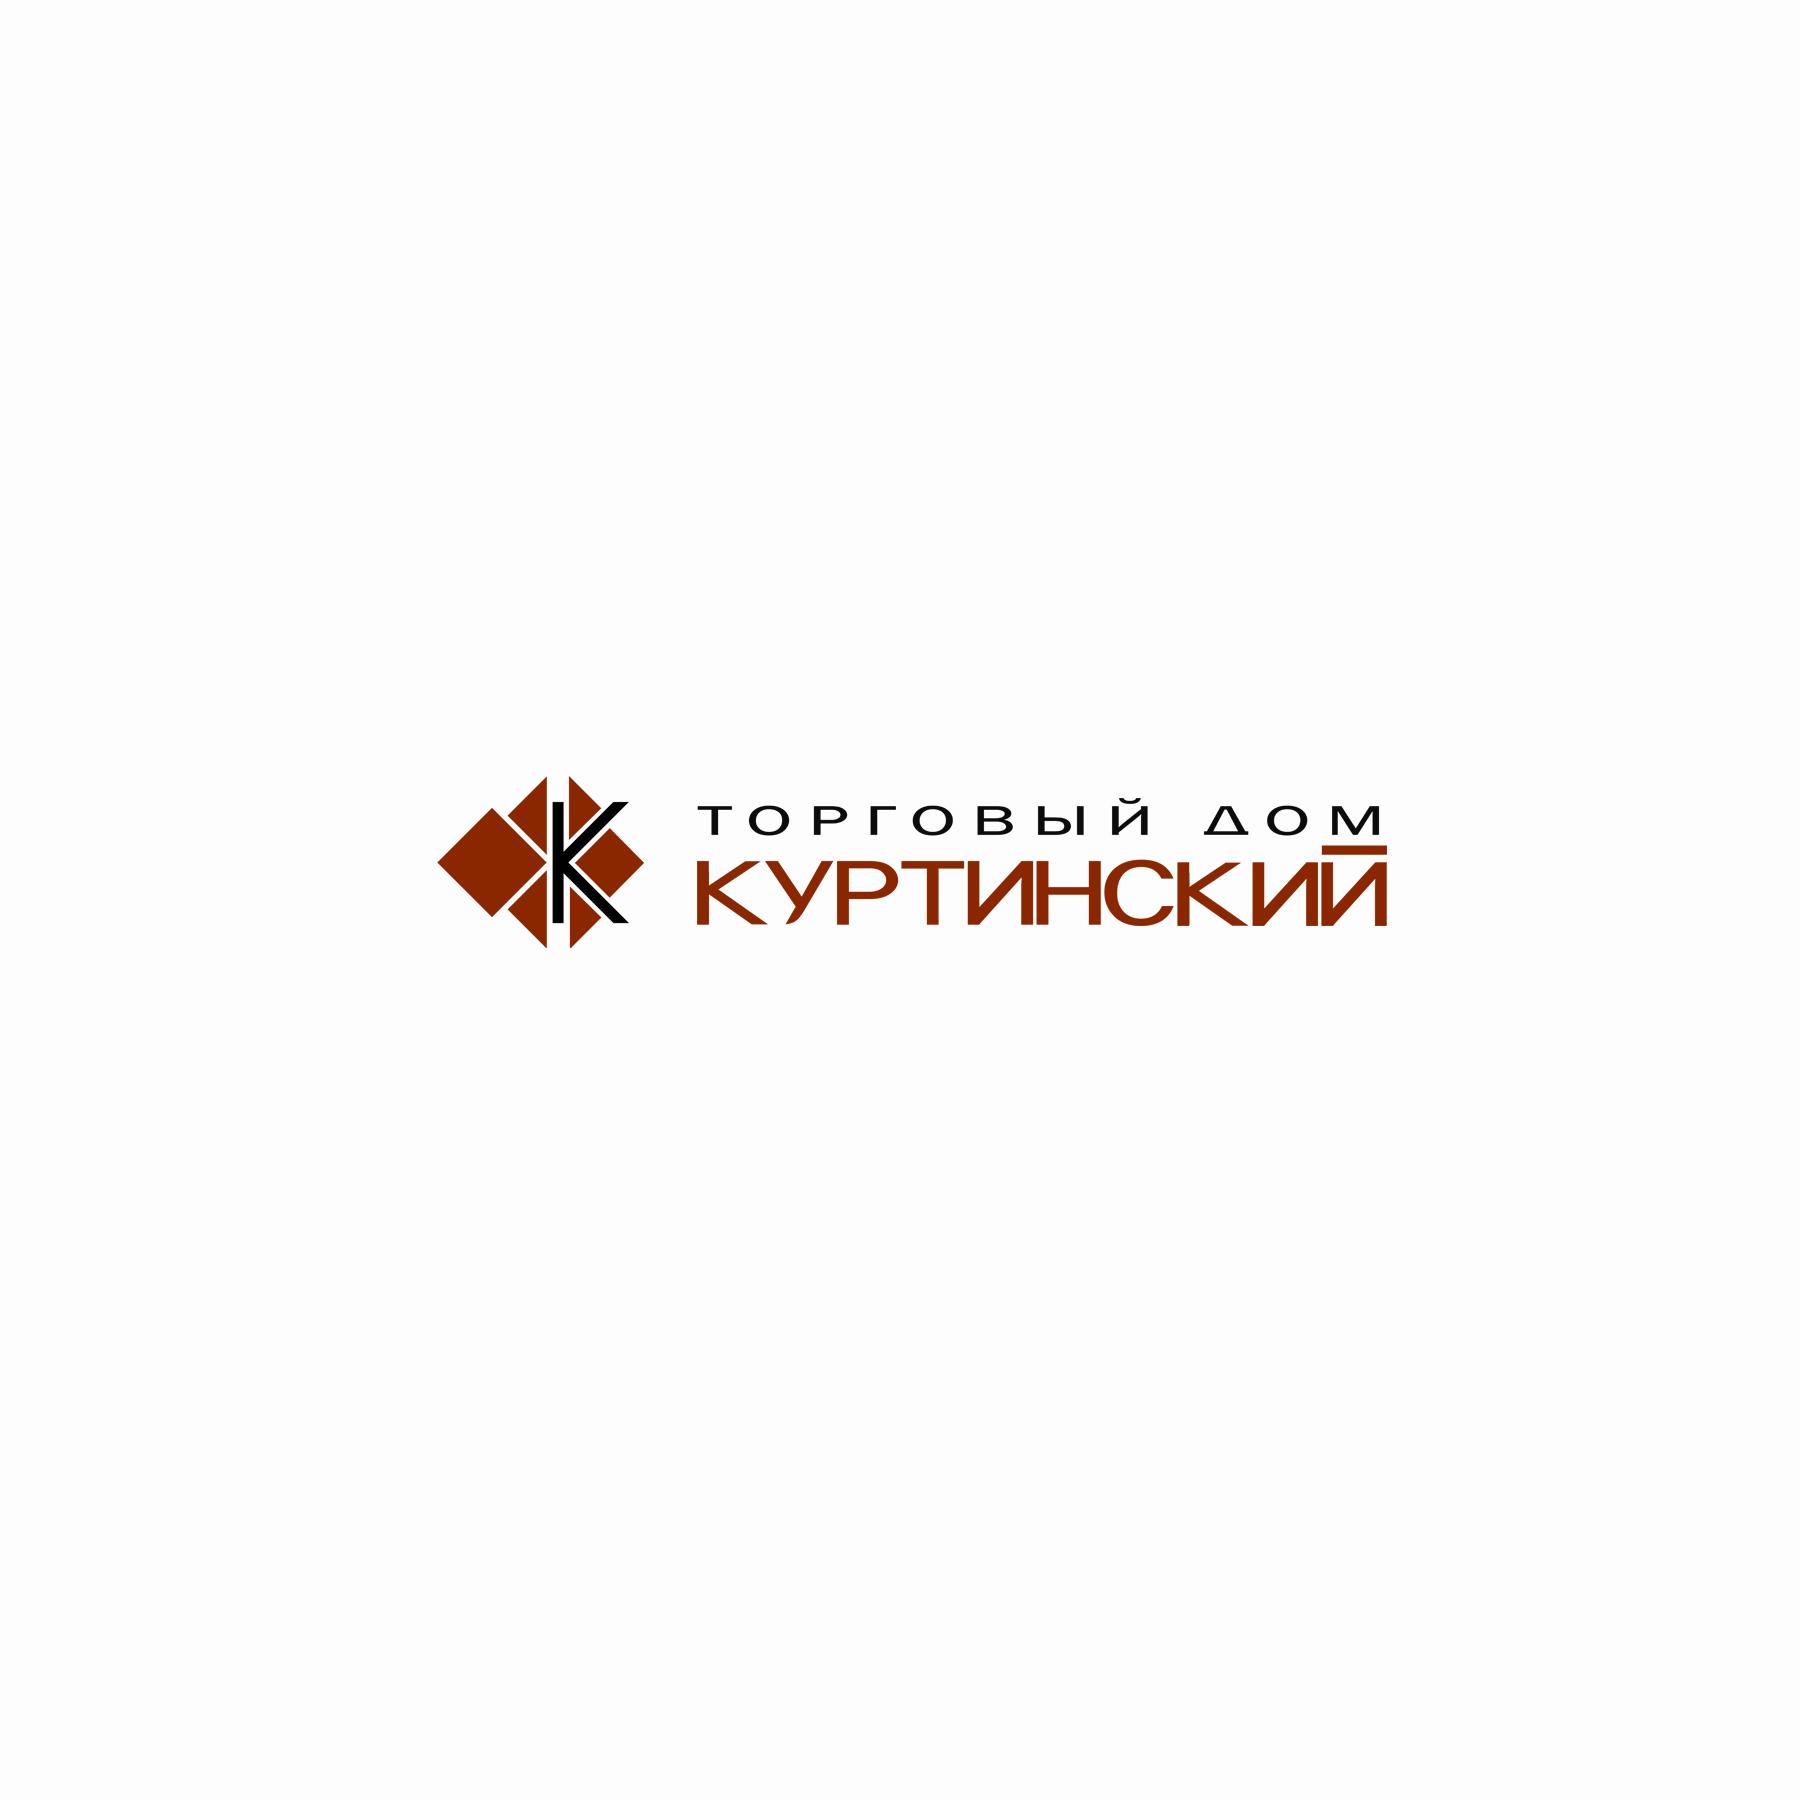 Логотип для камнедобывающей компании фото f_2795ba0de376a6cd.jpg